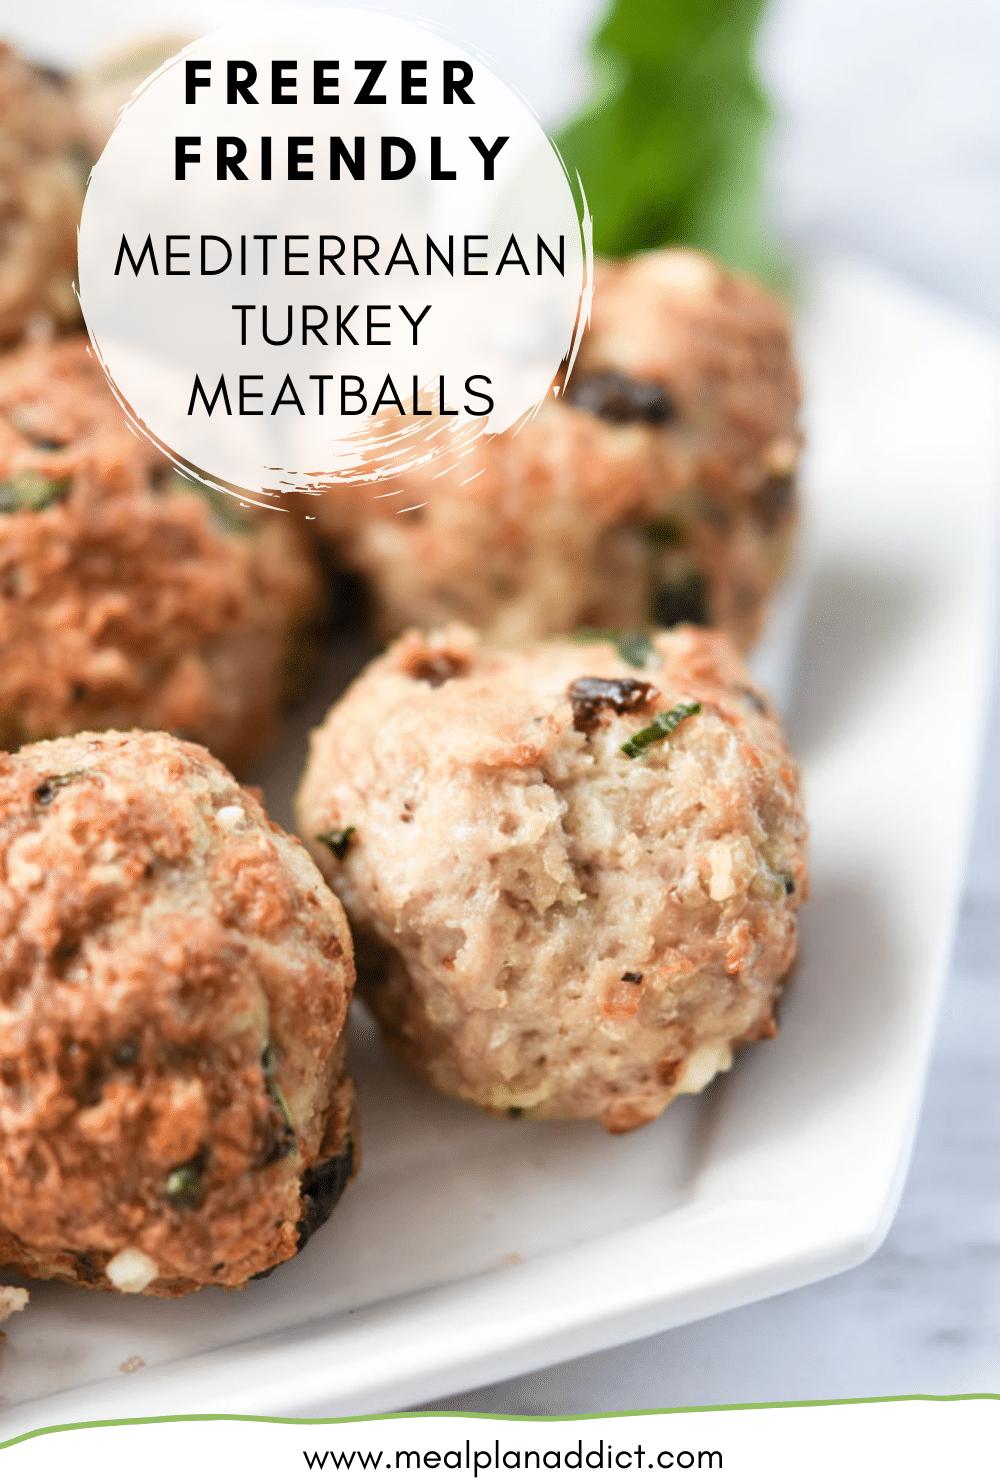 Freezer Friendly Mediterranean Turkey Meatballs